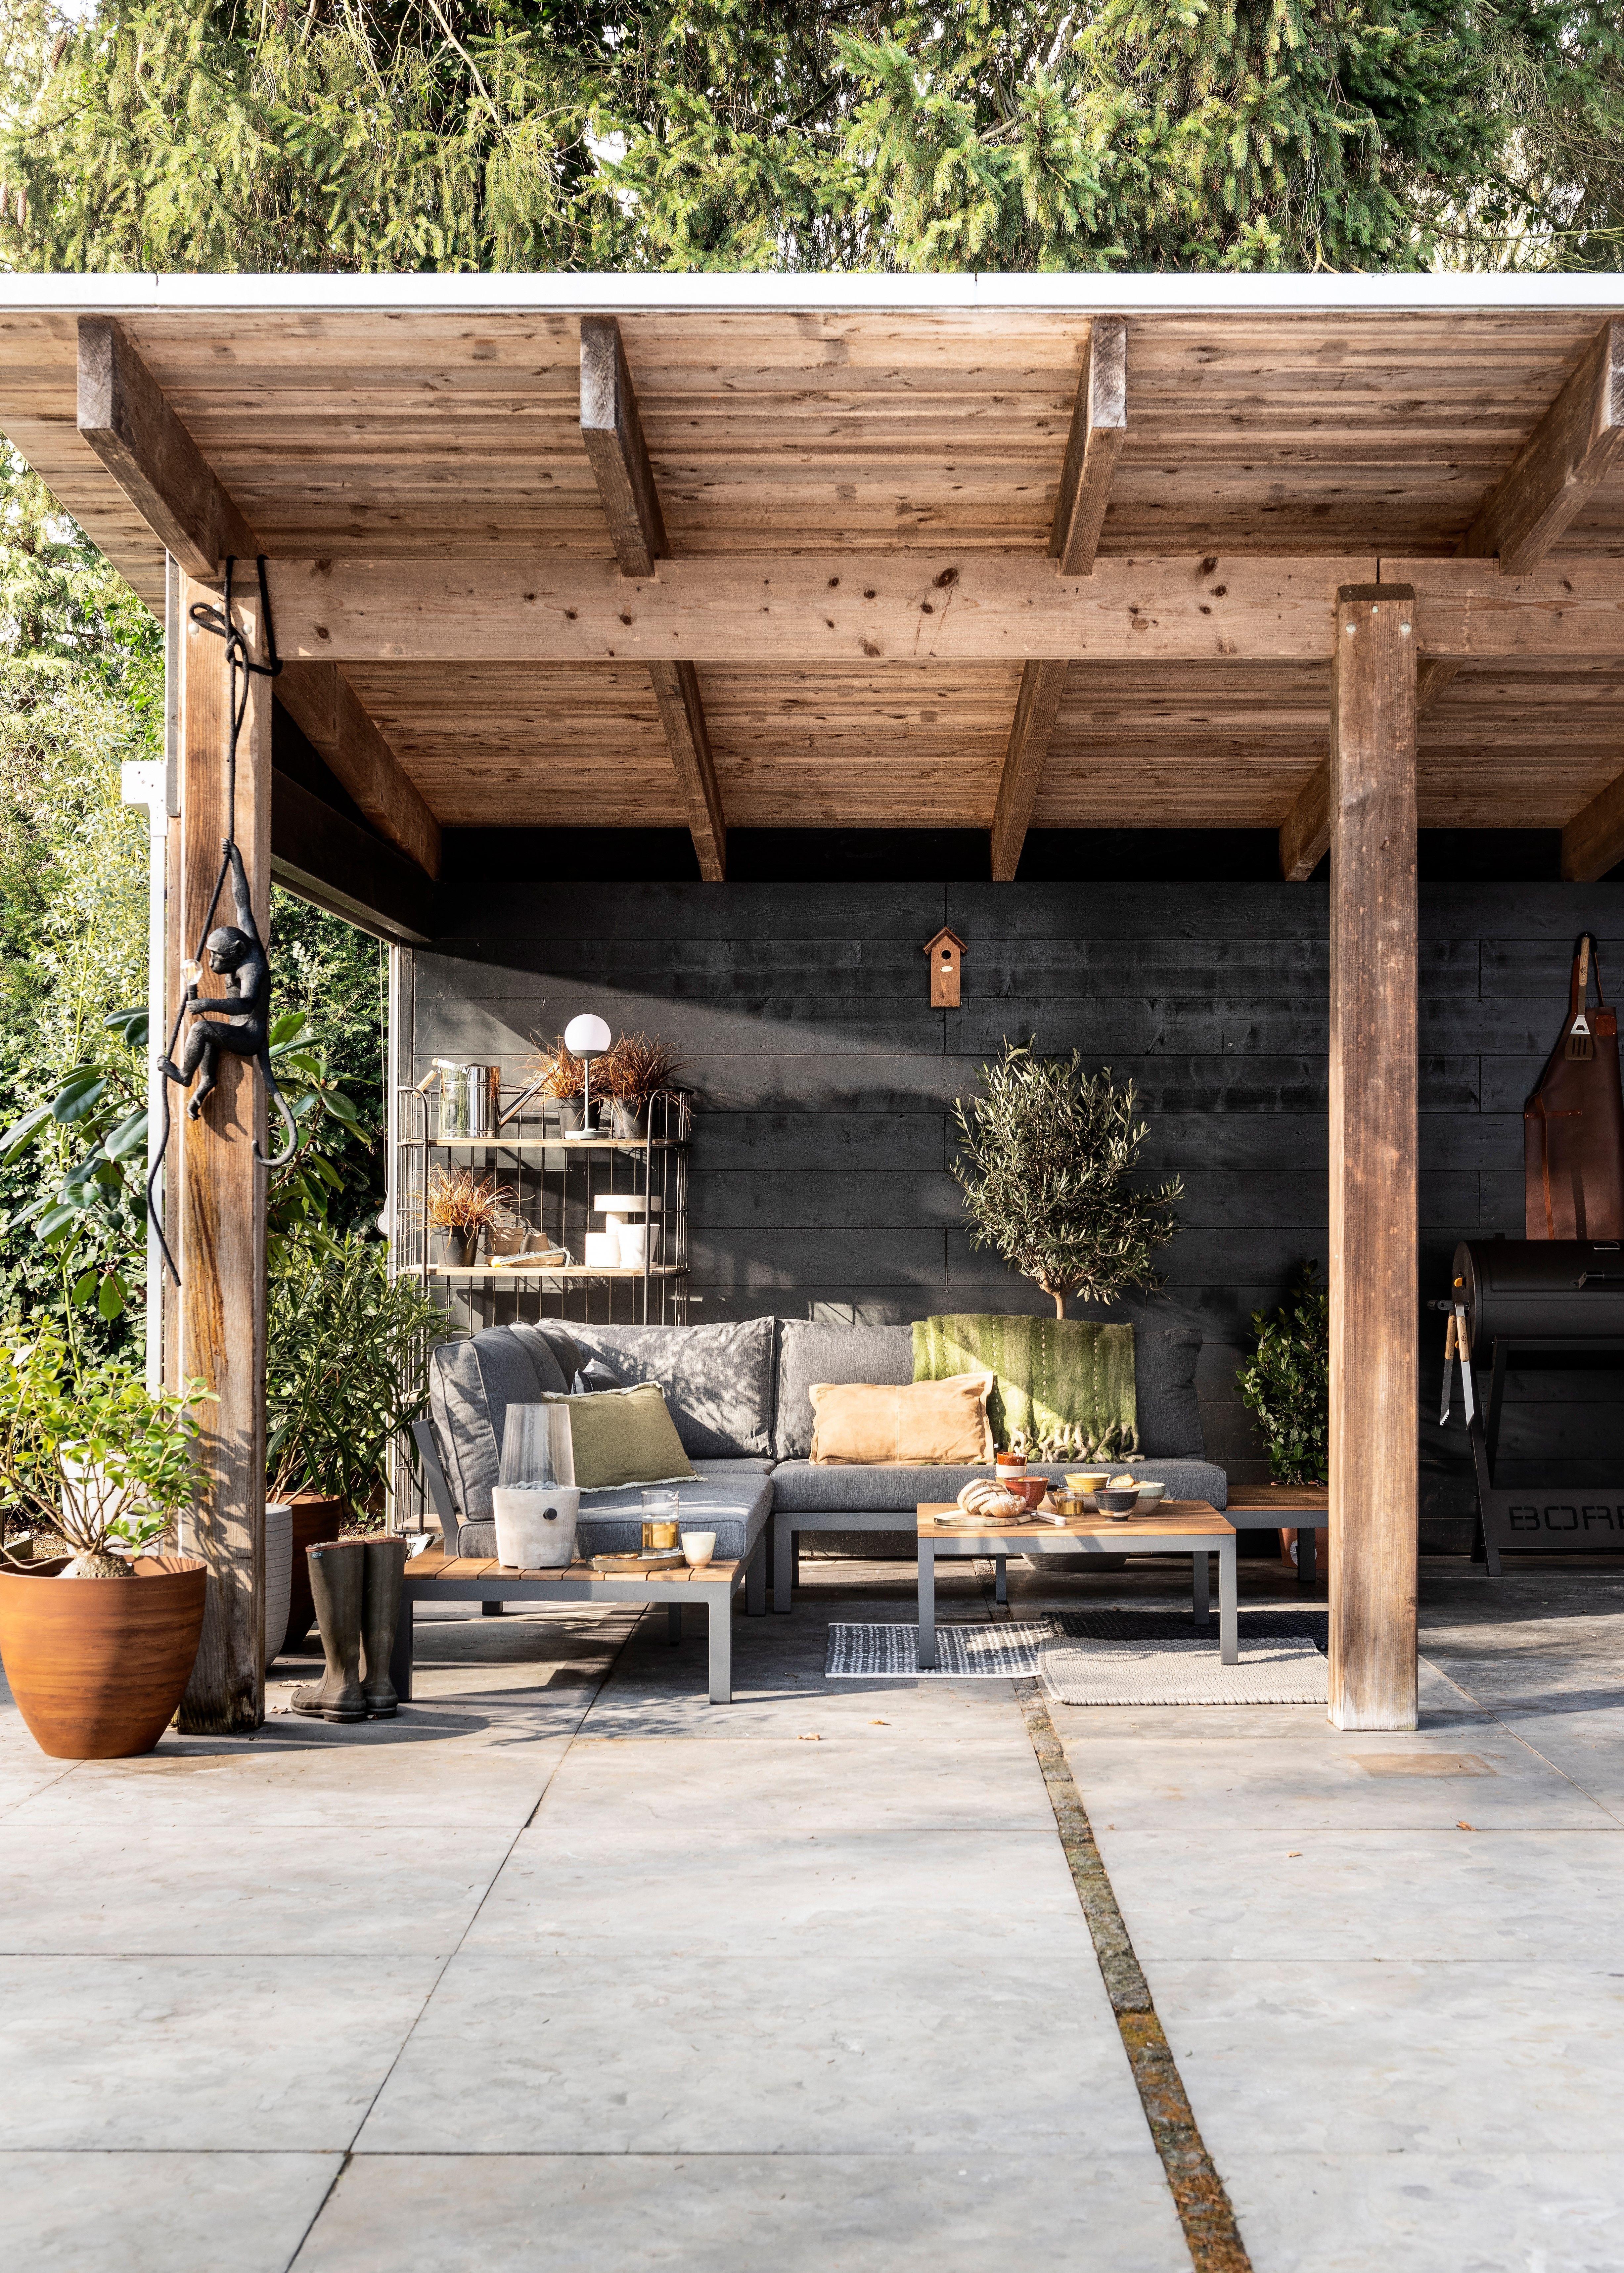 Een Inspiratie Pergola Pergola Modern Pergola Screen Pergola Wall Robuuste Tuin Tuinstijl Voor In 2020 Backyard Pergola Backyard Diy Pergola